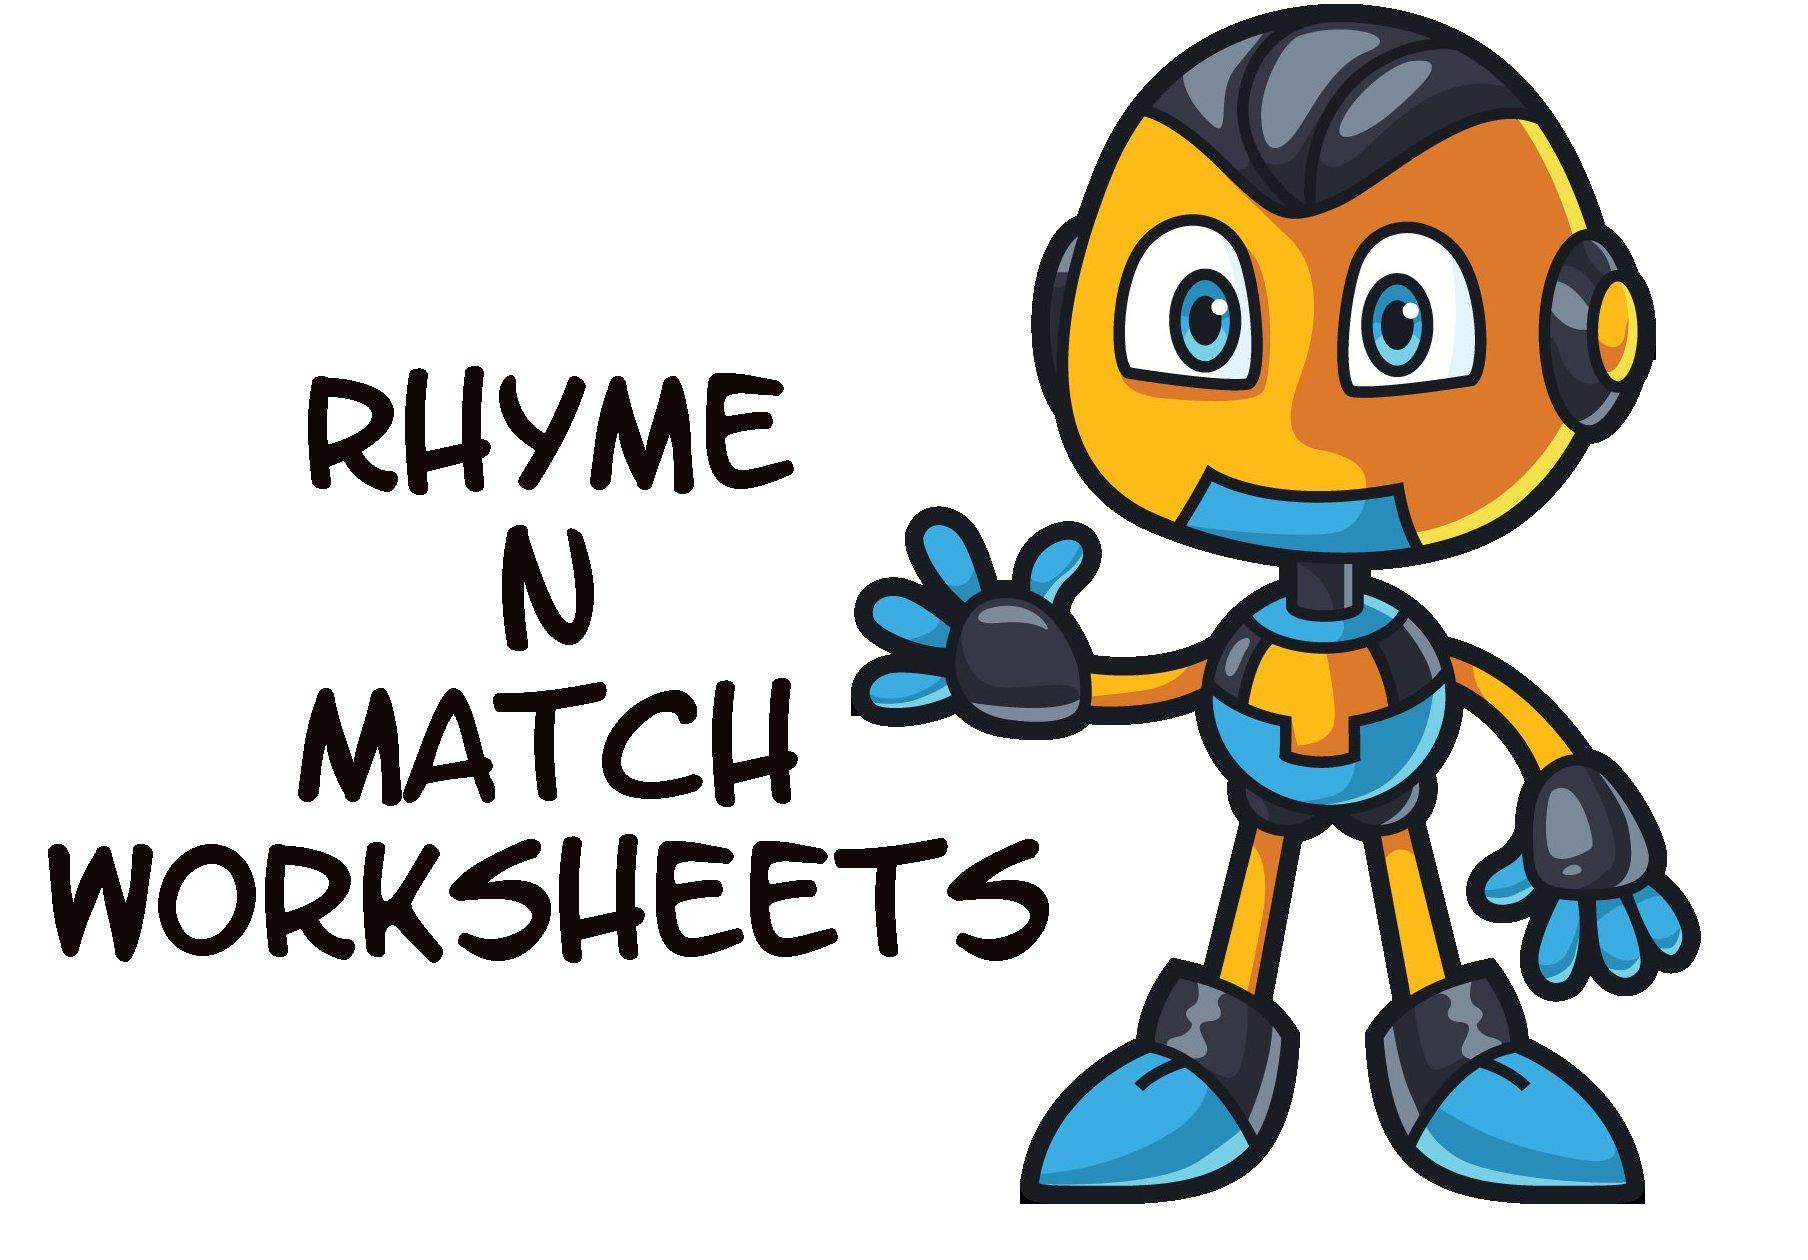 rhyming words worksheets 00